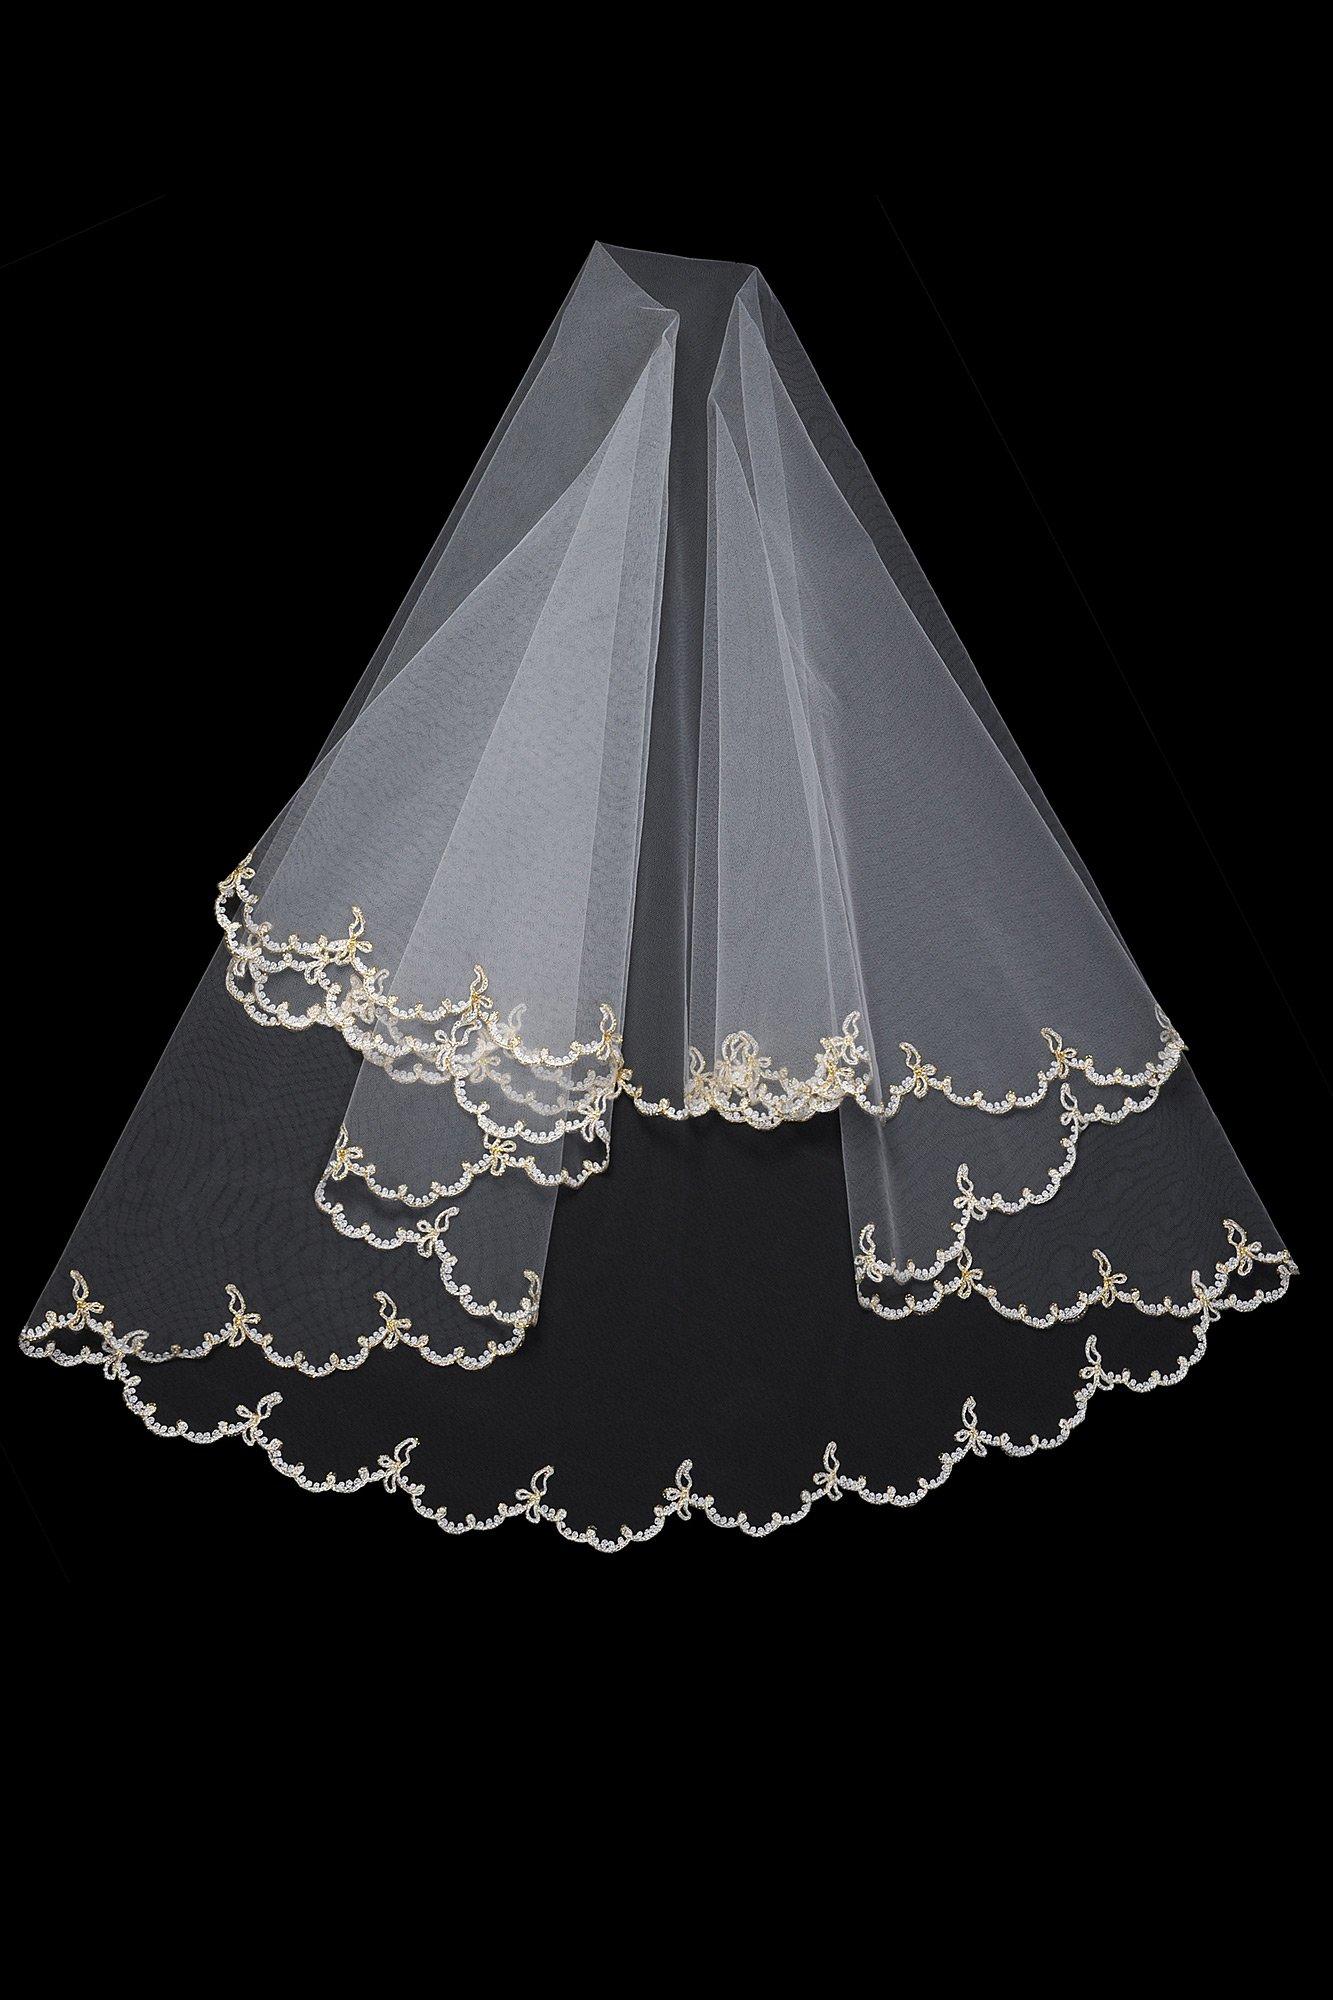 Короткая двухслойная фата с фигурным краем, оформленным лаконичной вышивкой.